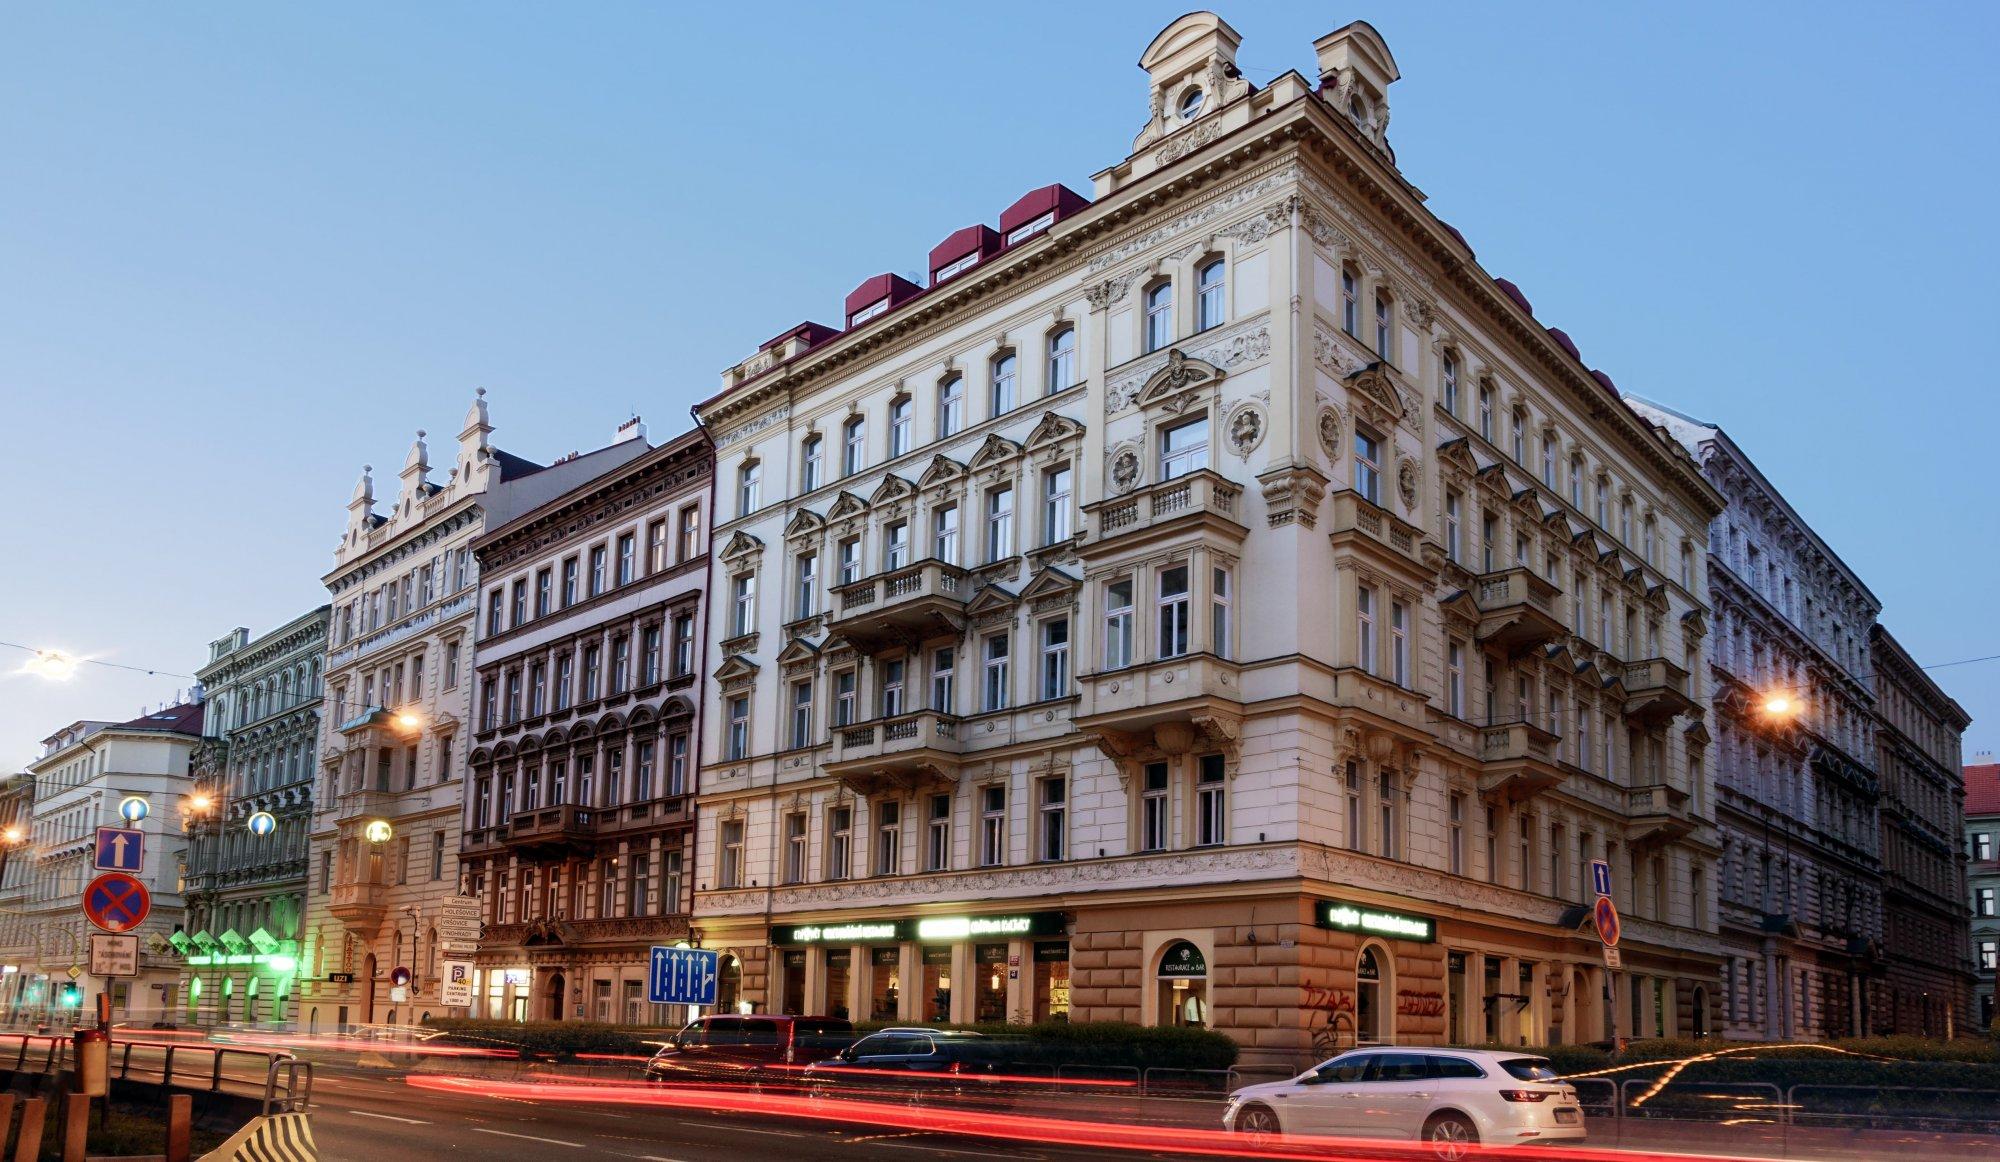 Pohled z ulice Legerova - Půdní byt 1+kk, plocha 23 m², ulice Tyršova, Praha 2 - Nové Město | 1